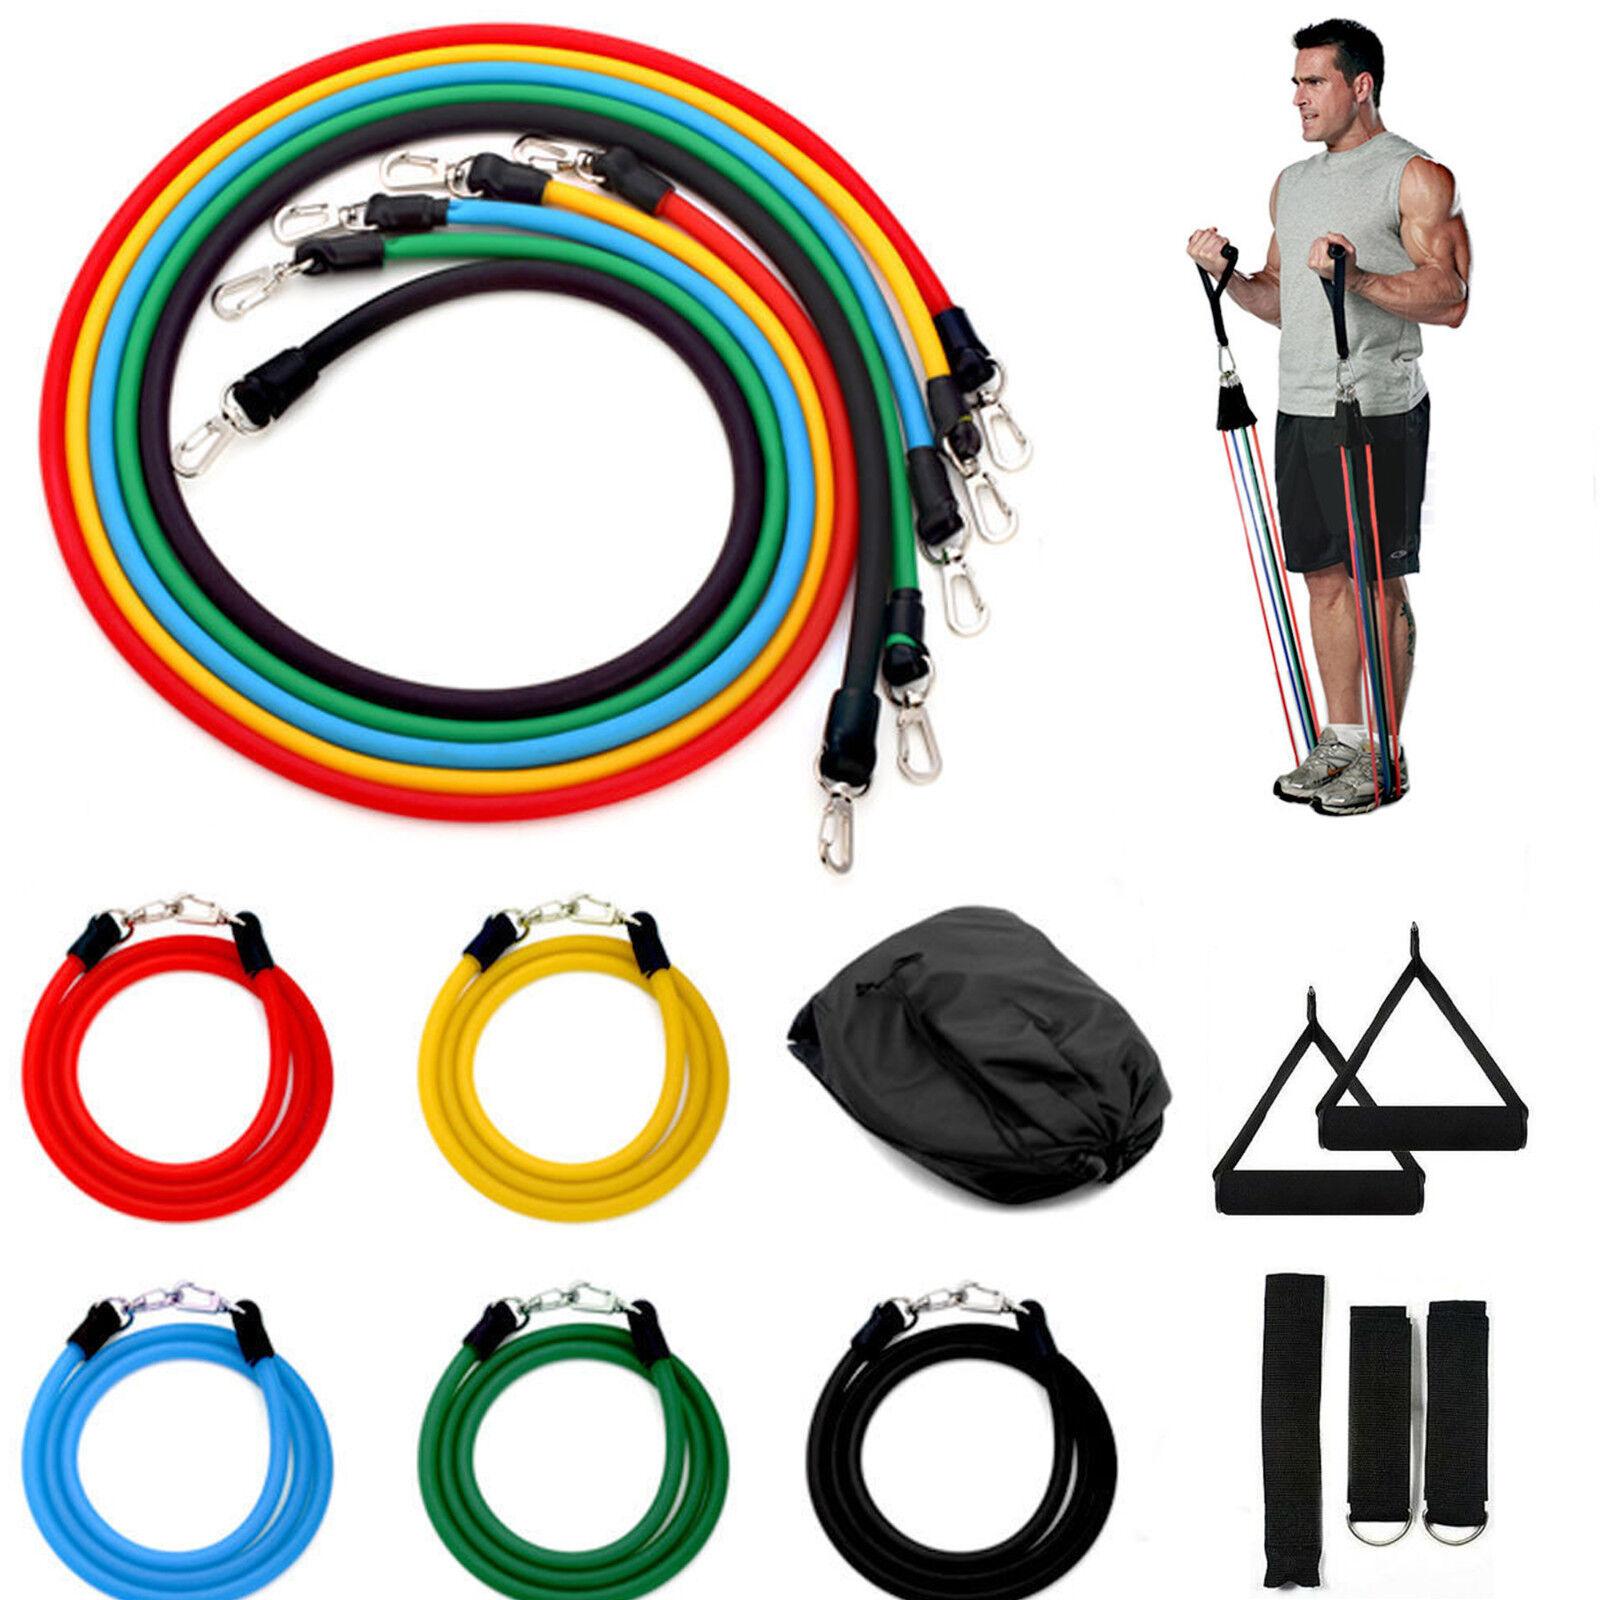 UK Fitness Resistance Bands Set,5 Tubes With Handles, Door